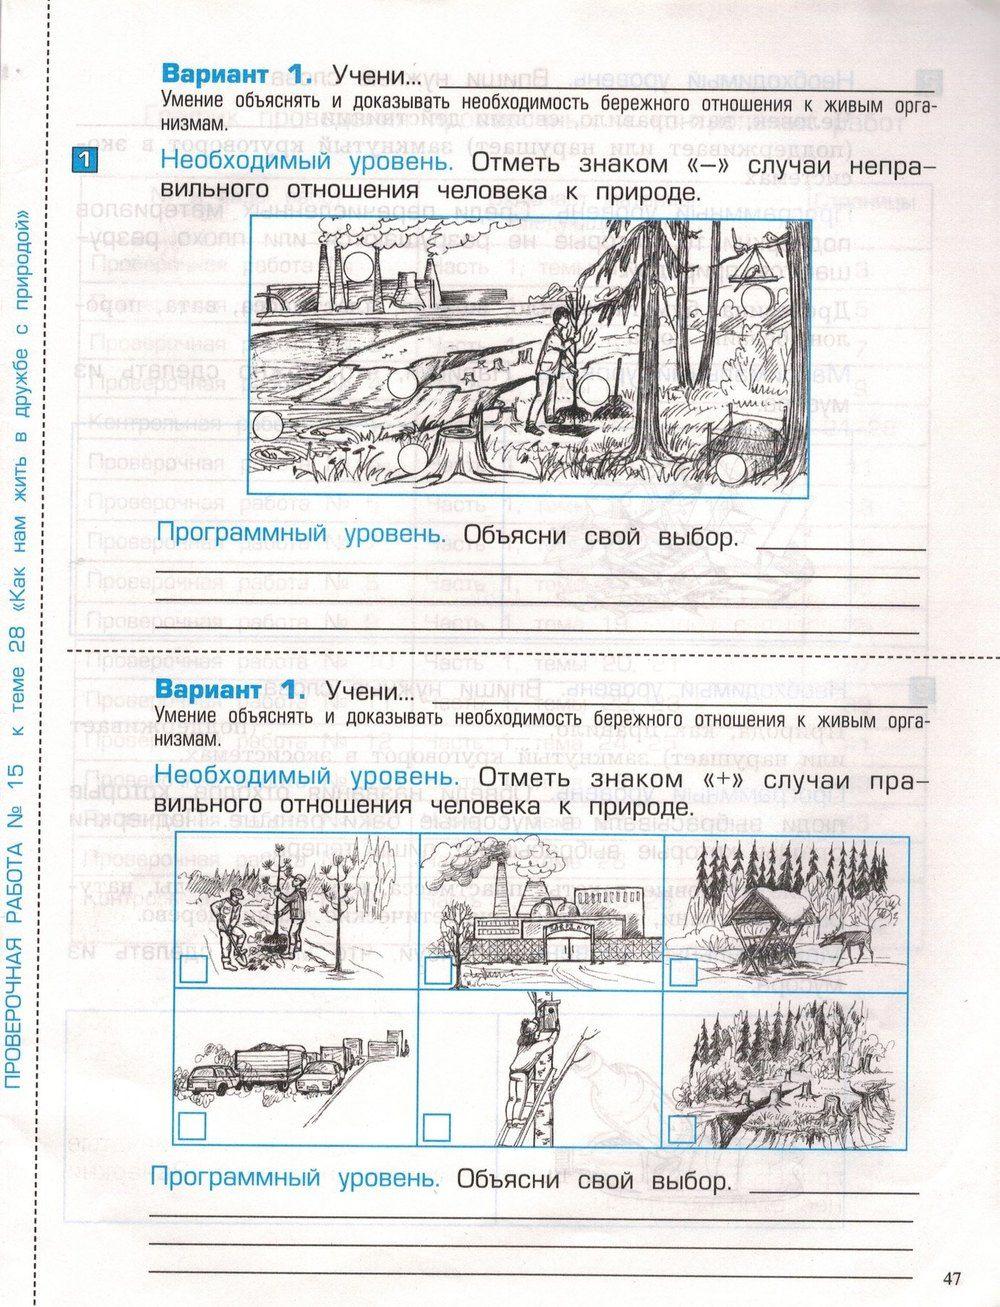 Гдз по биологии 10 класс.рабочая тетрадь козлова сухова